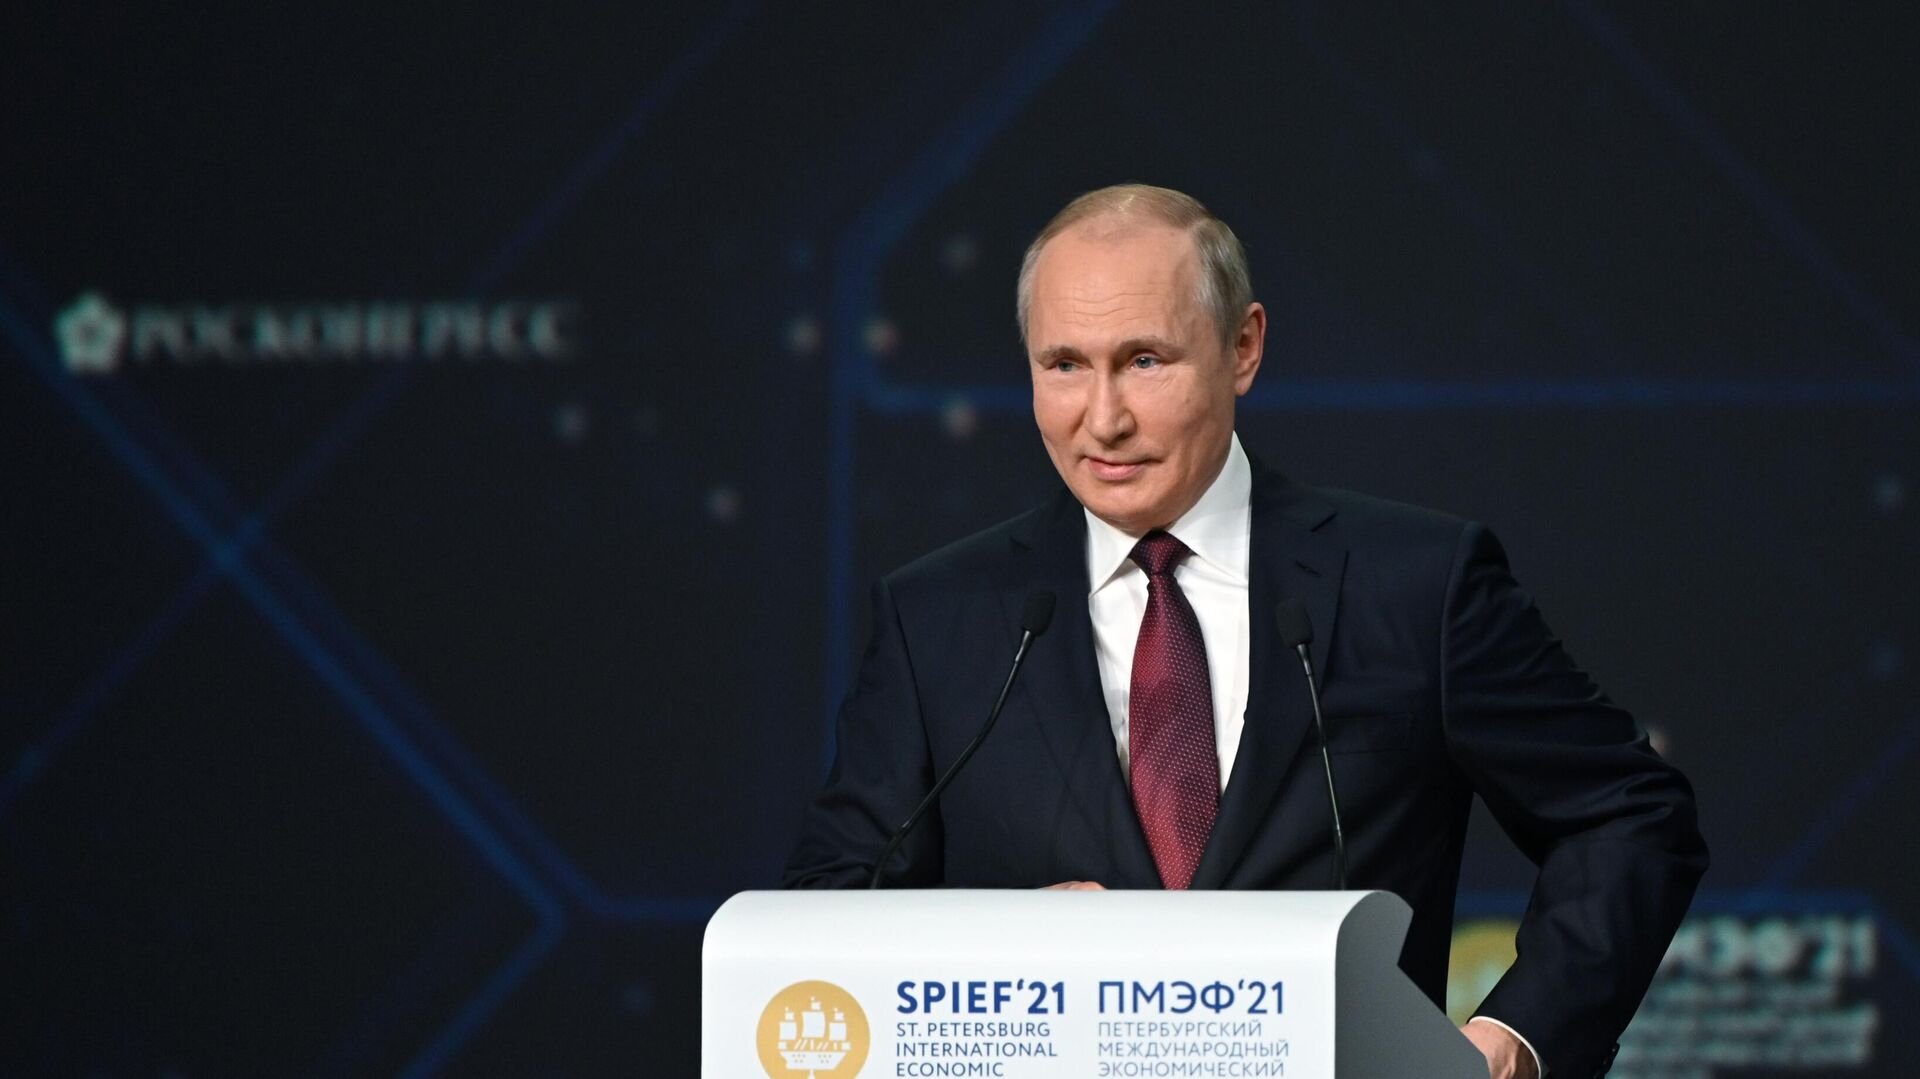 Президент РФ Владимир Путин выступает на пленарном заседании в рамках Петербургского международного экономического форума - 2021 - РИА Новости, 1920, 06.06.2021